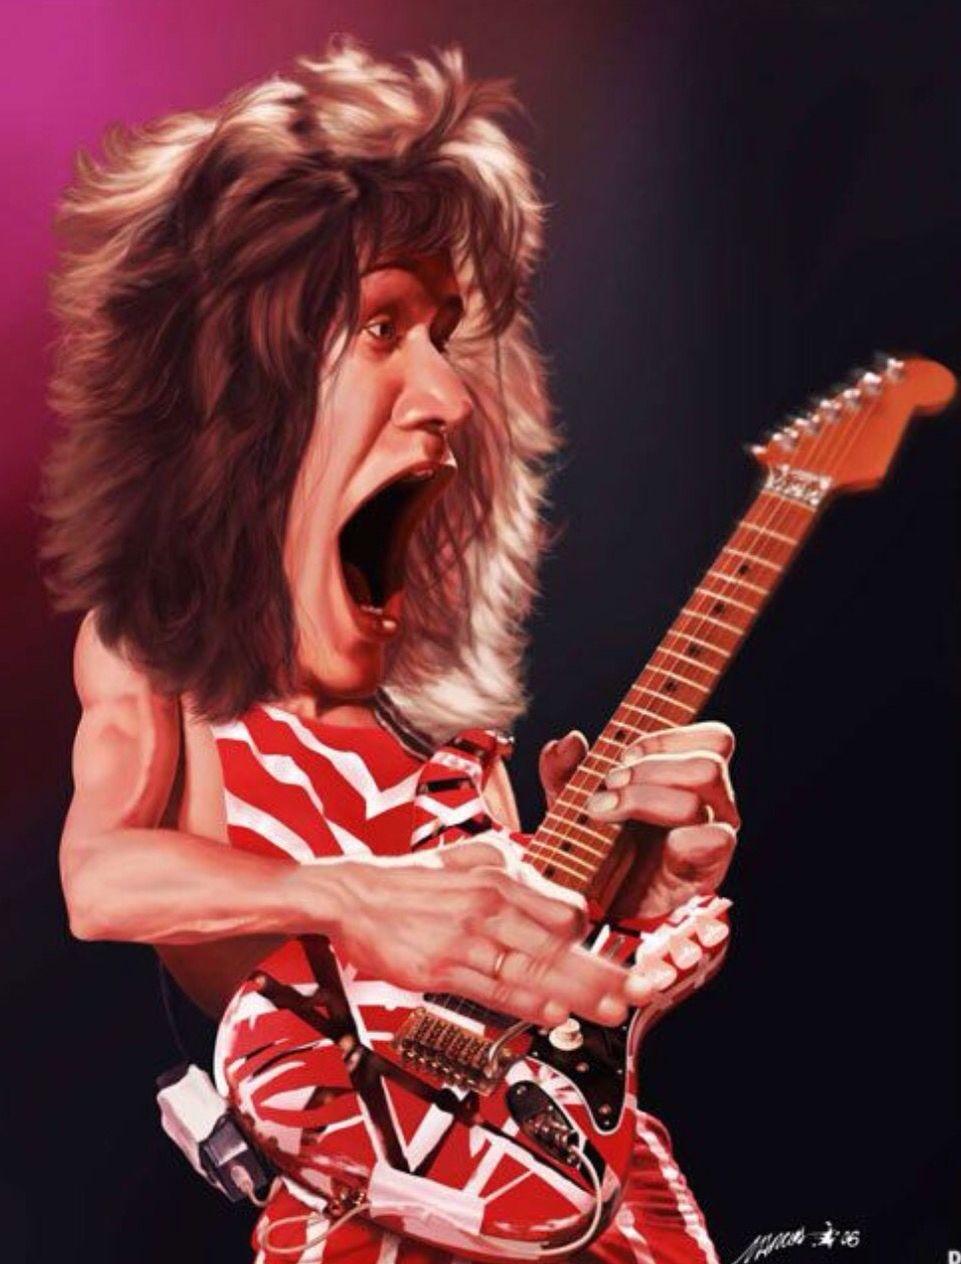 Caricatura De Eddie Van Halen Celebrity Caricatures Funny Caricatures Eddie Van Halen